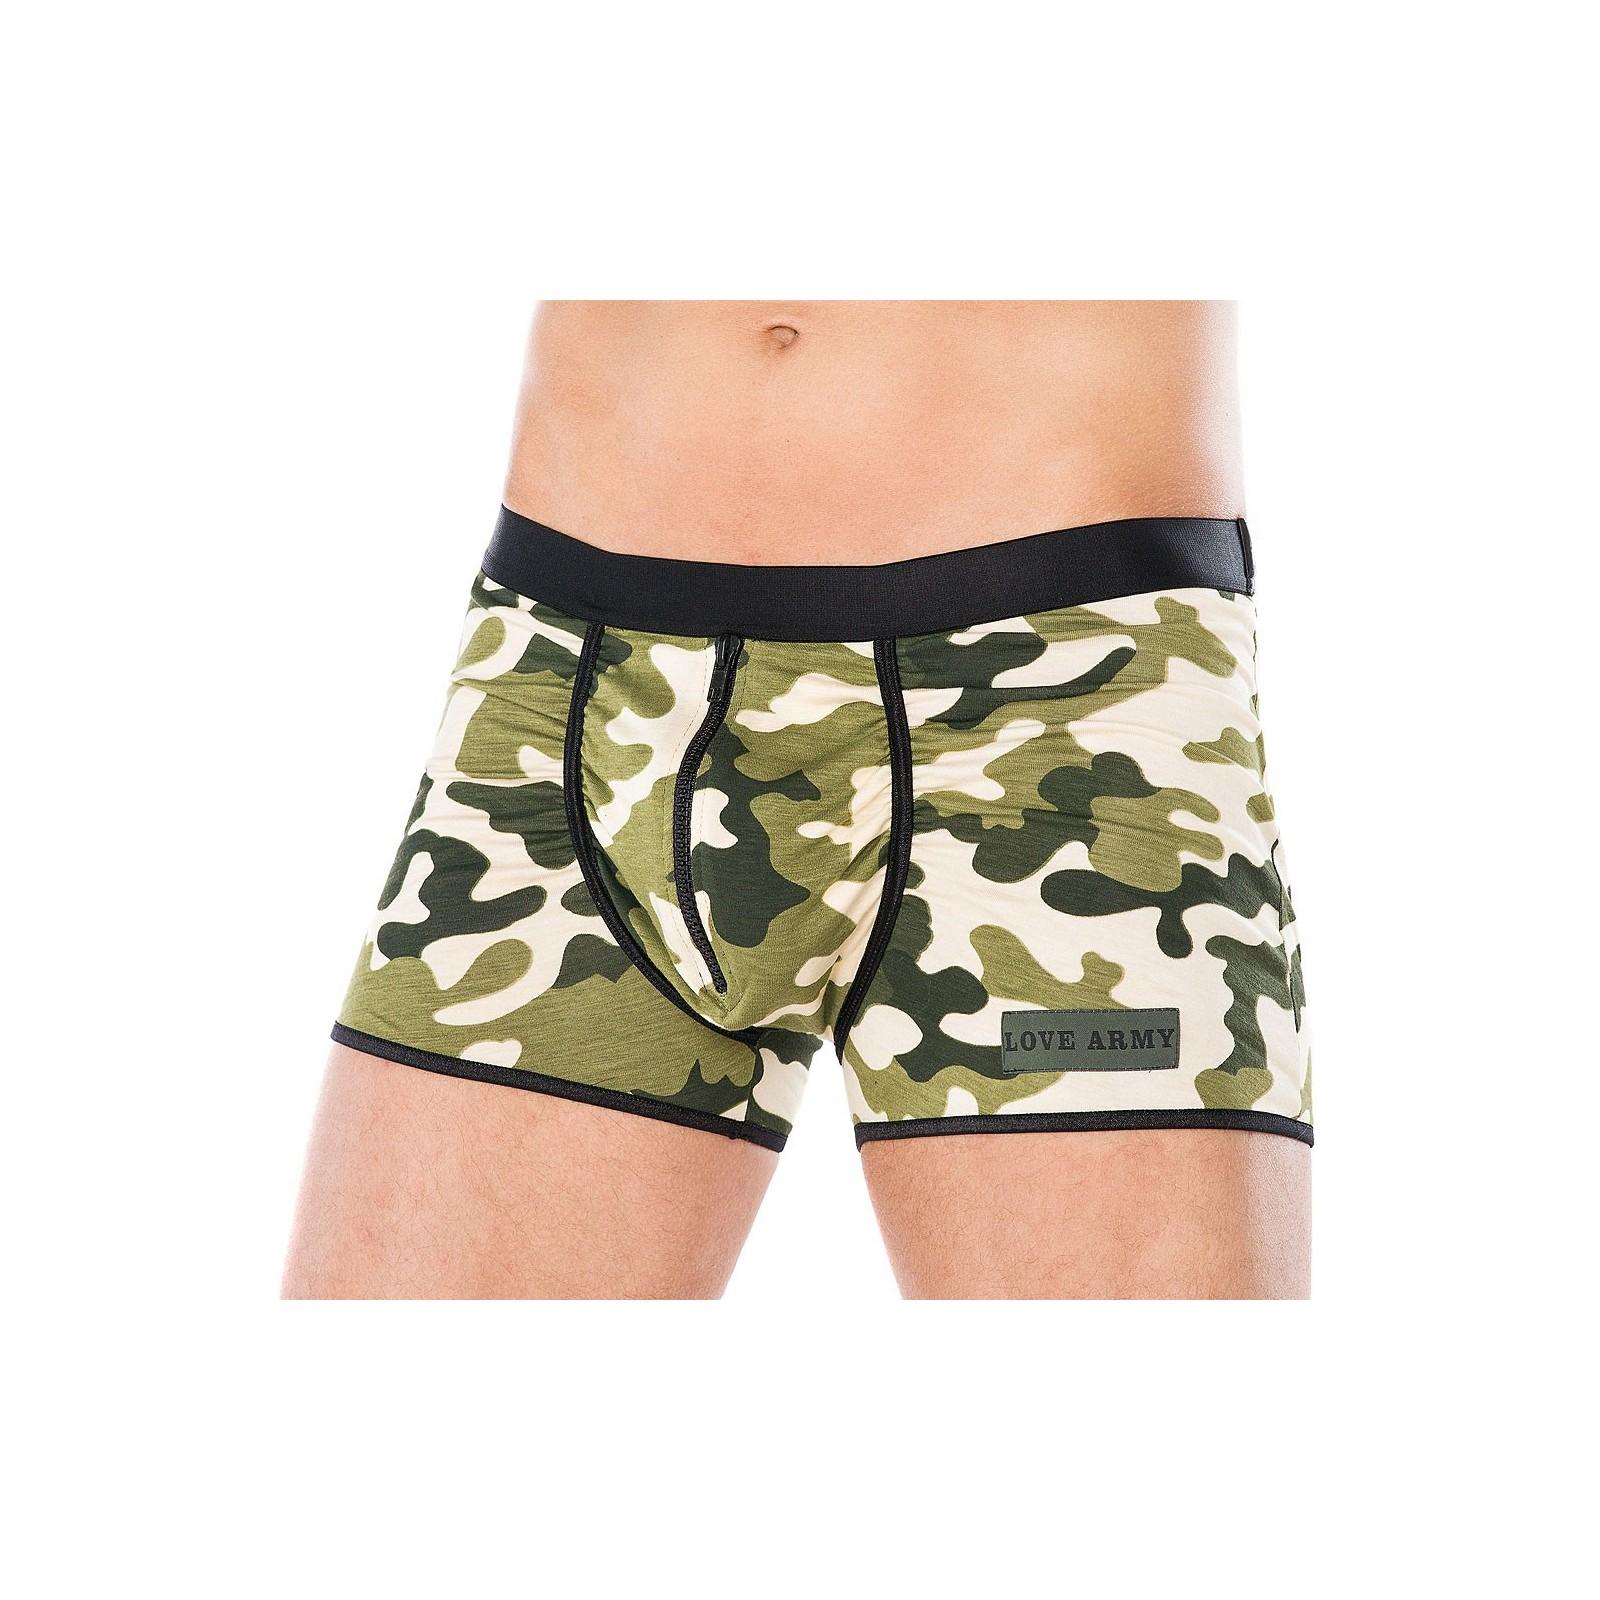 Boxershorts camouflage MC/9085 - 1 - Vorschaubild